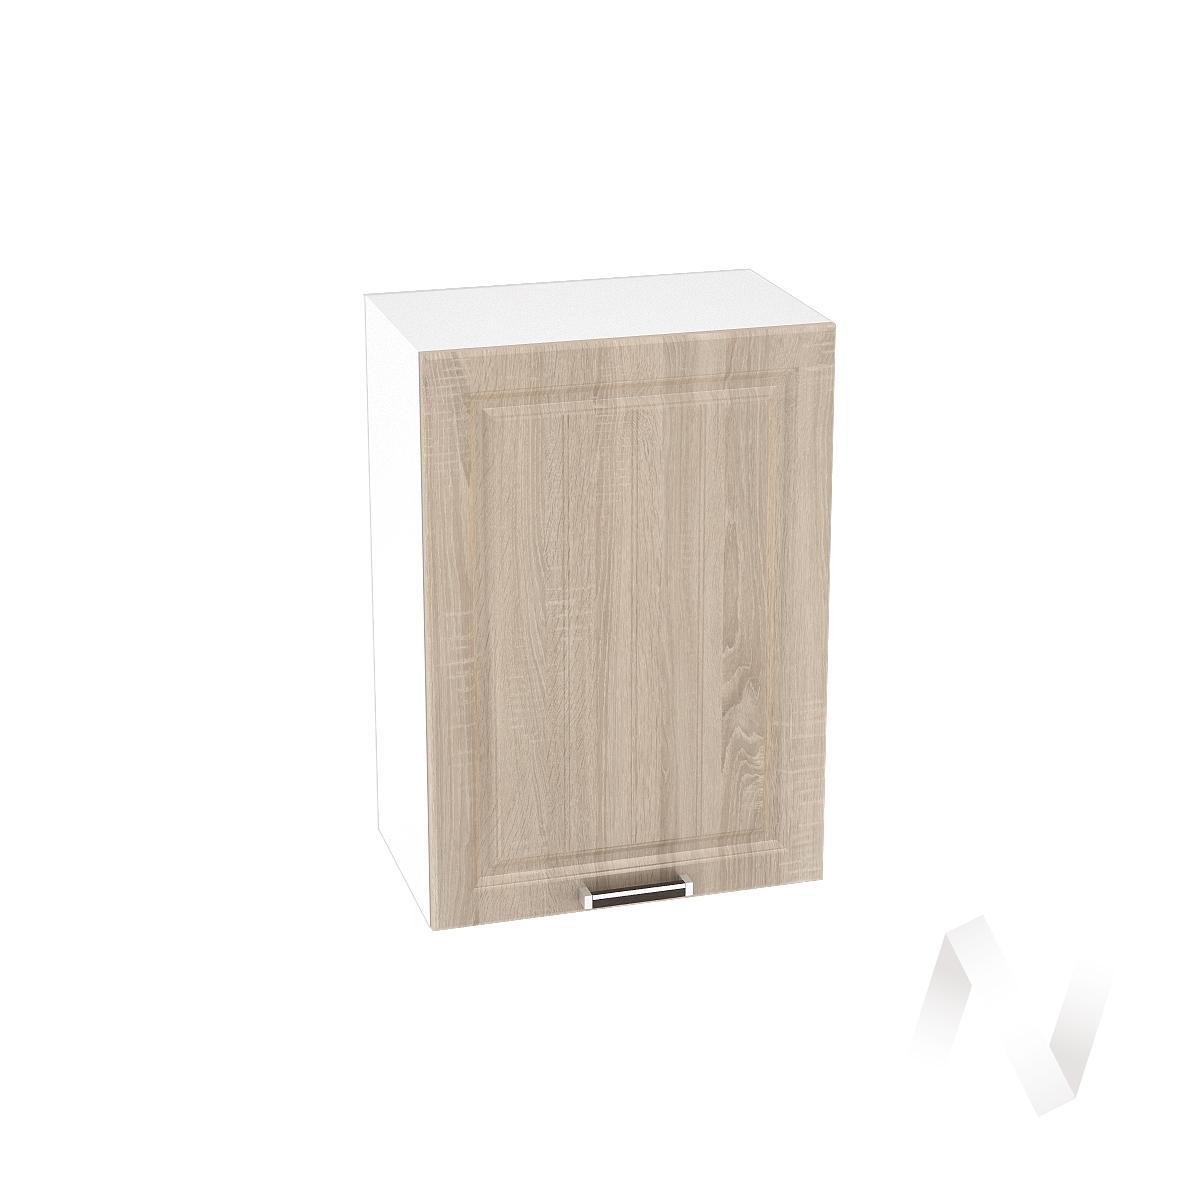 """Купить кухня """"прага"""": шкаф верхний 500, шв 500 (дуб сонома/корпус белый) в Новосибирске в интернет-магазине Мебель плюс Техника"""